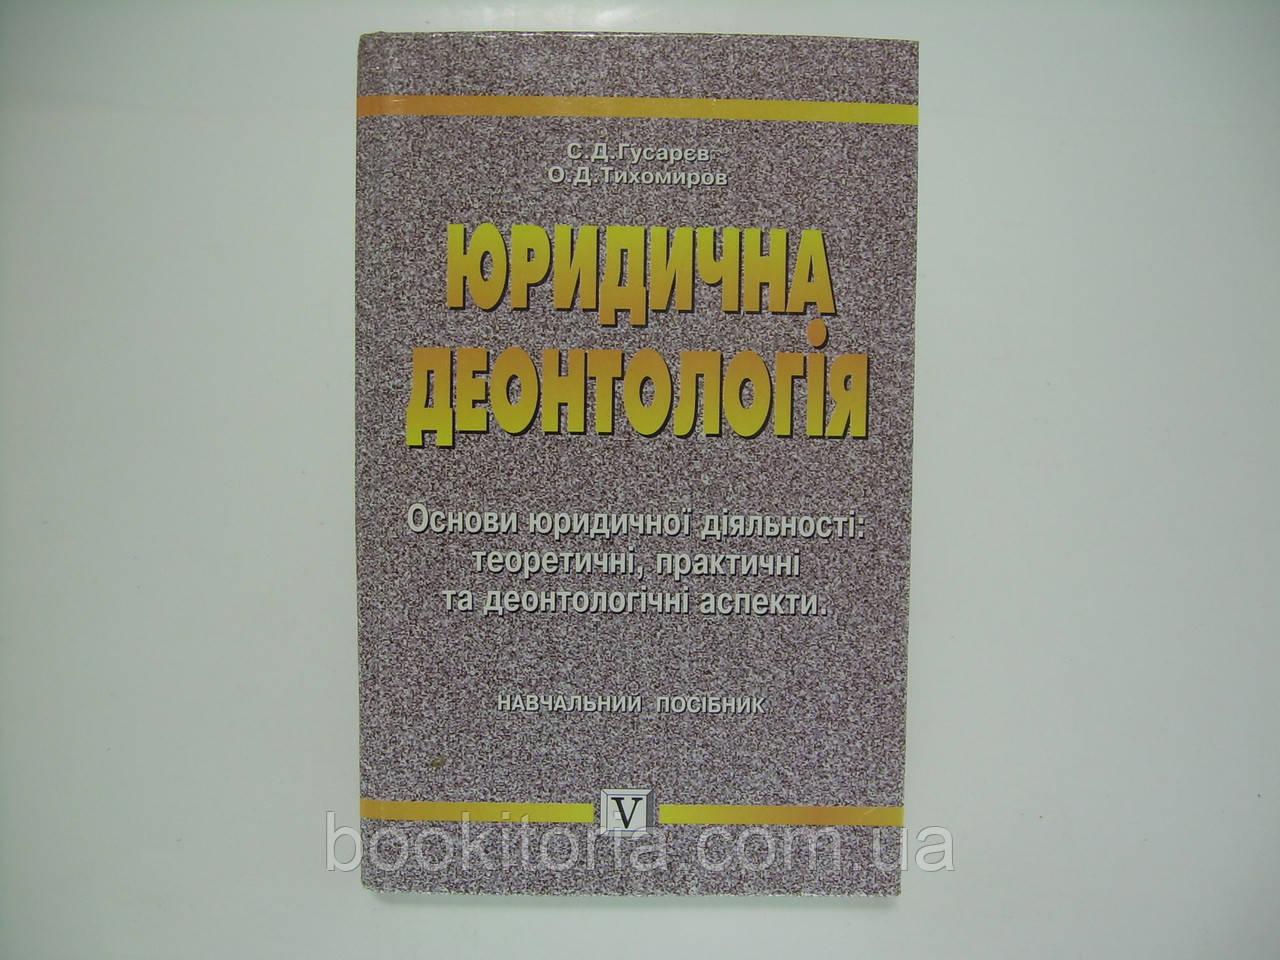 Гусарєв С.Д., Тихомиров О.Д. Юридична деонтологія (б/у)., фото 1